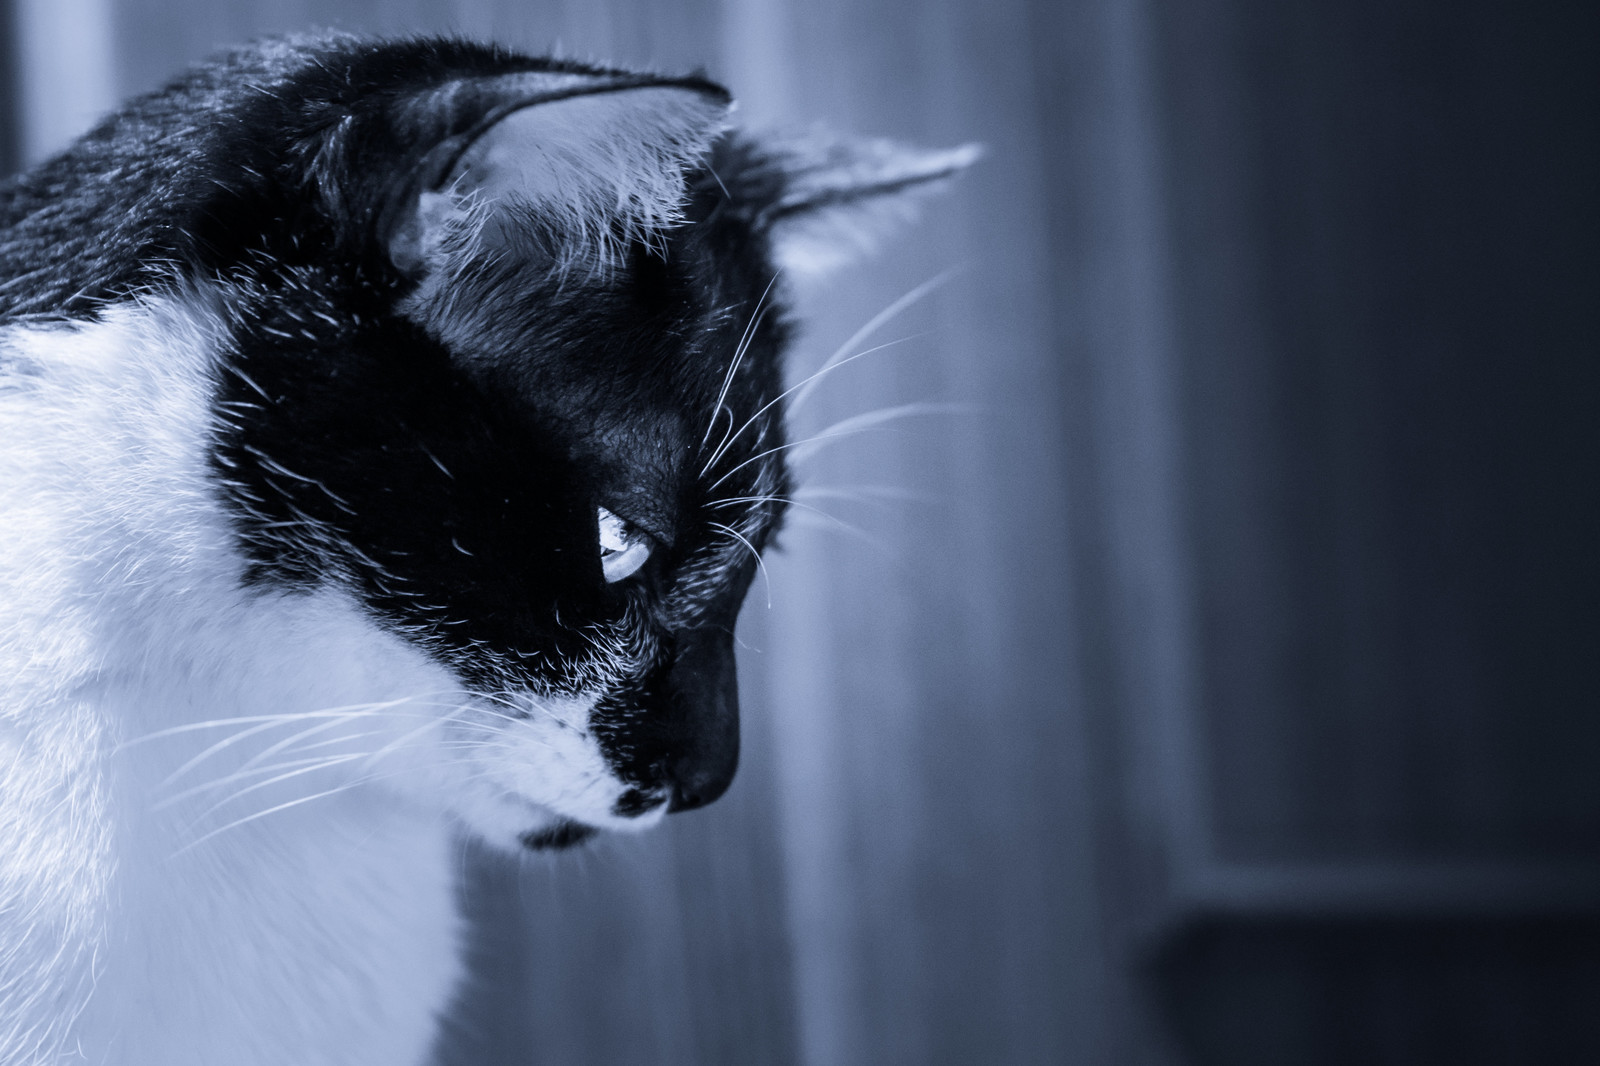 「残念にうつむくネコ」の写真